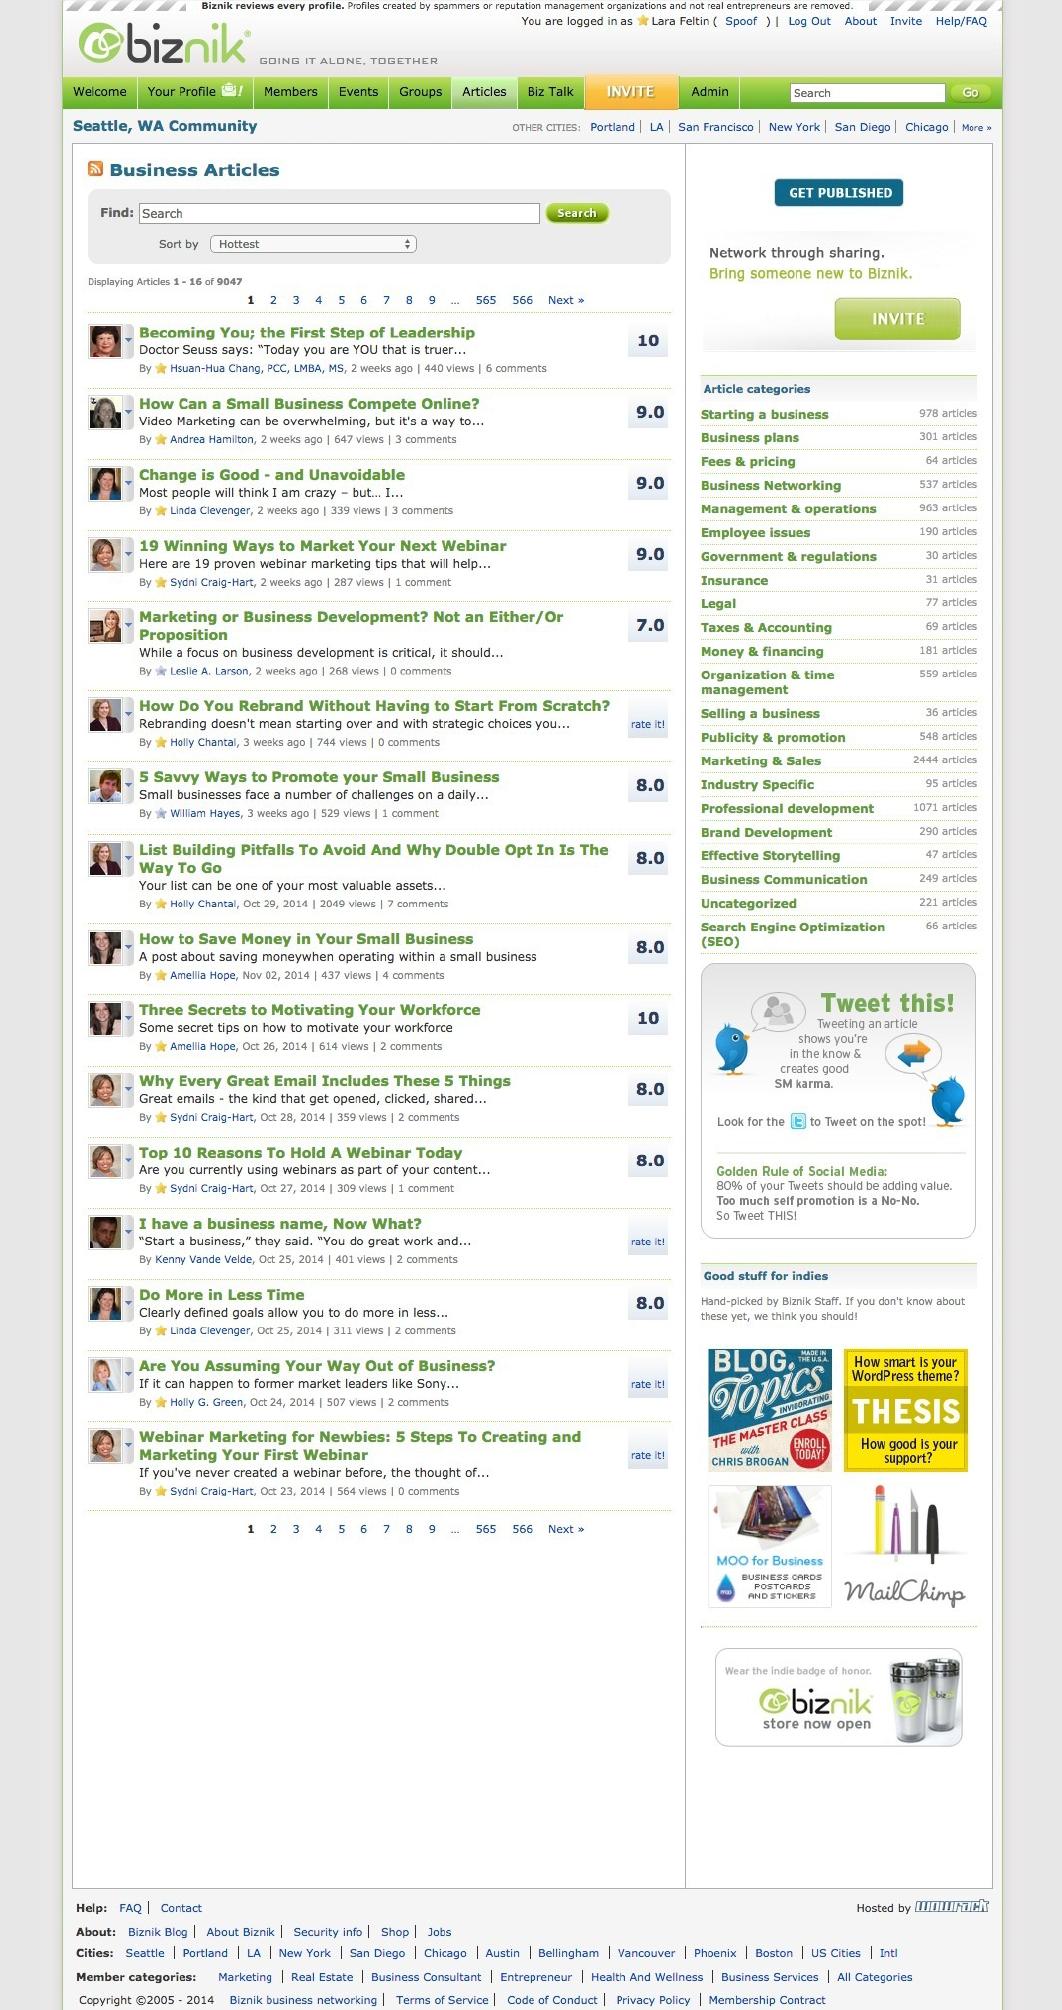 Biznik Articles page